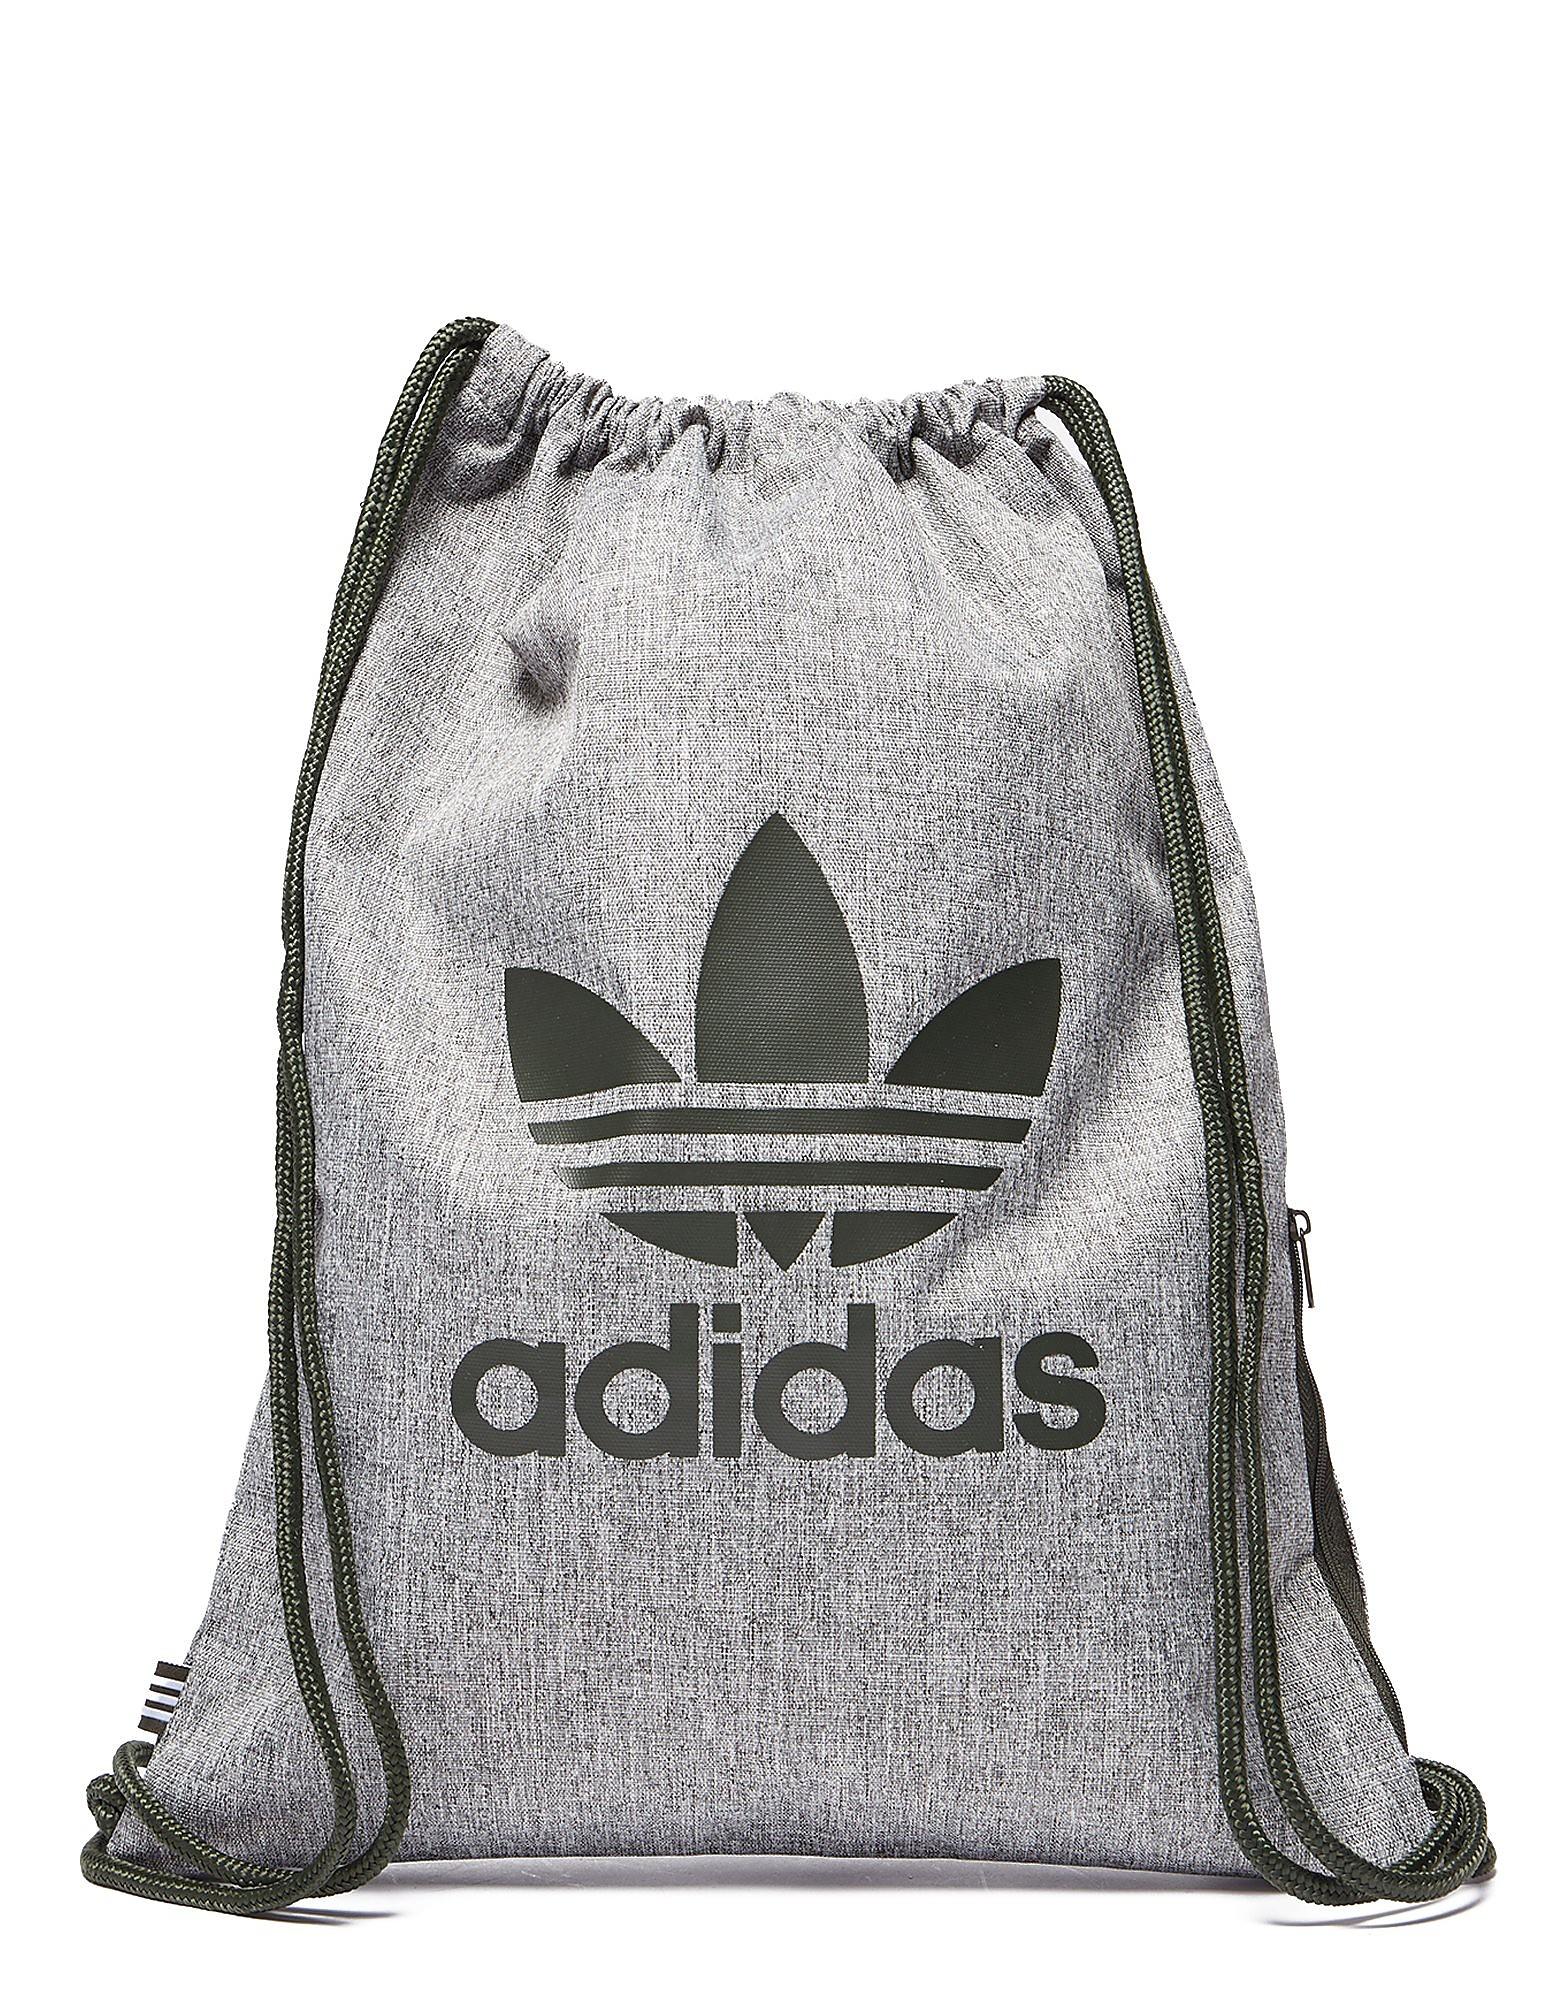 adidas Originals mochila saco Trefoil